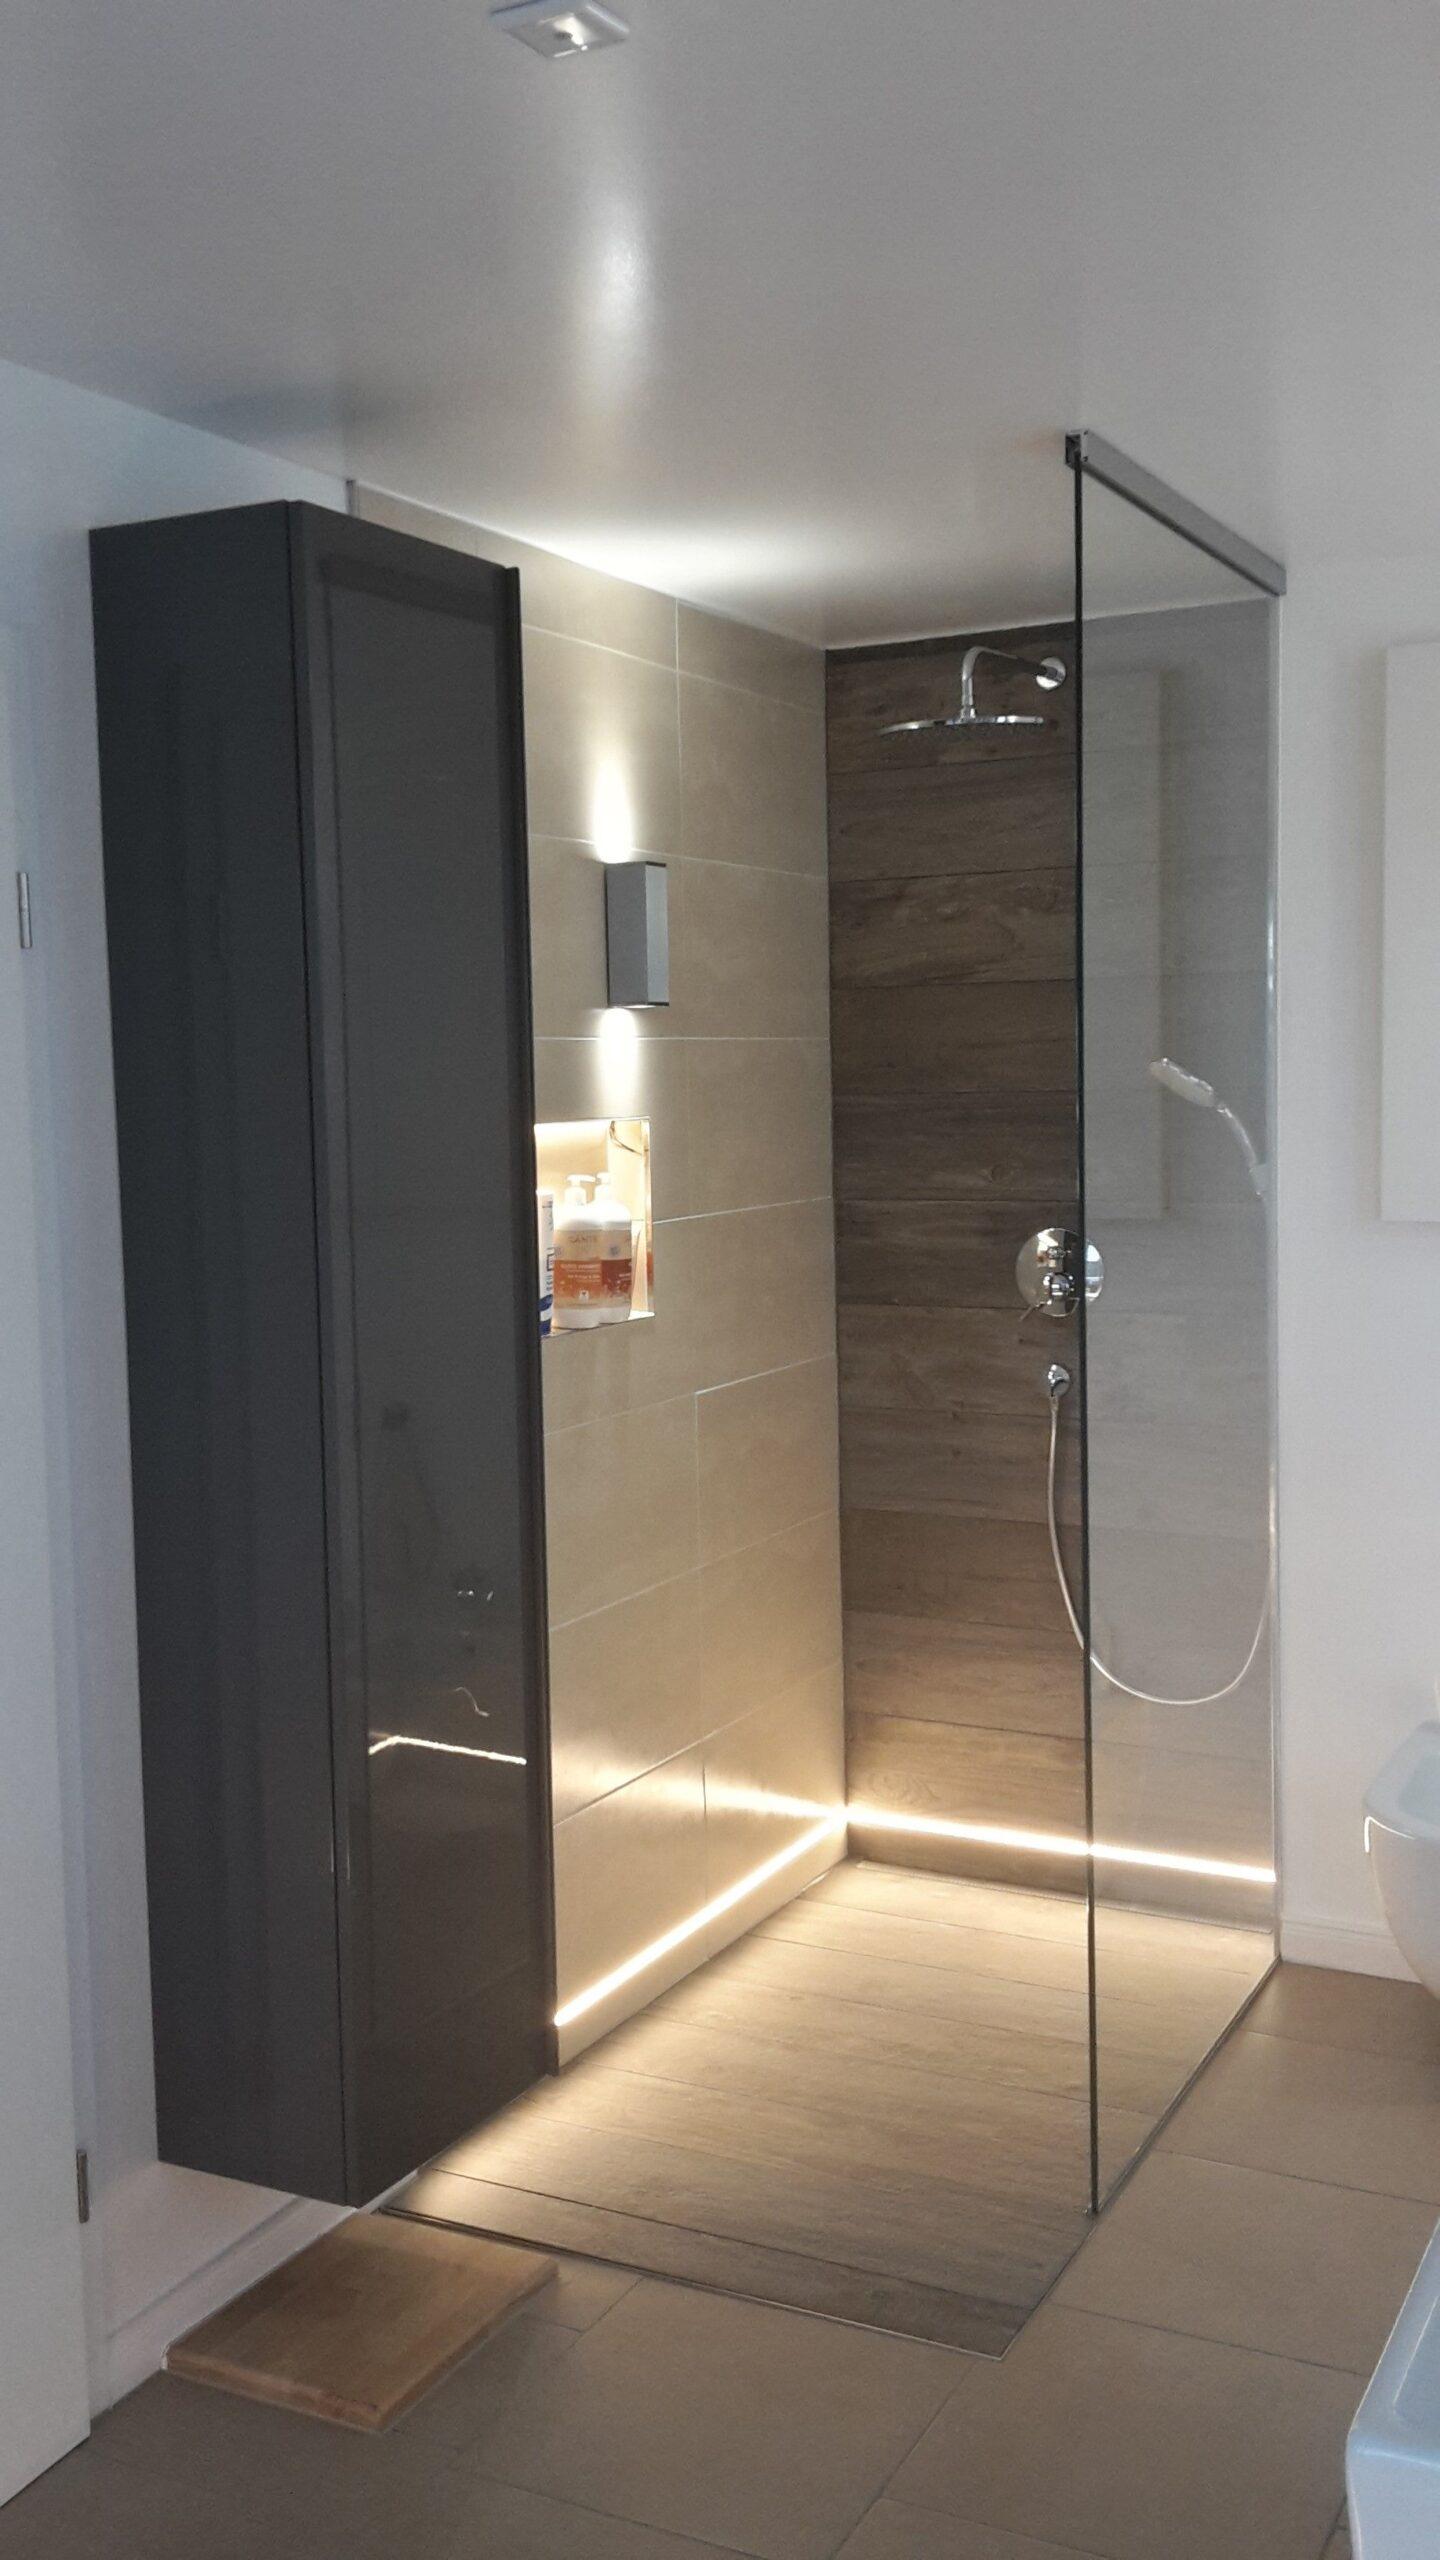 Full Size of Moderne Duschen Gefliest Dusche Ohne Fliesen Ebenerdig Bodengleiche Gemauert Begehbare Badezimmer Mit Warmweien Led Streifen Ip65 Im Unteren Breuer Schulte Dusche Moderne Duschen